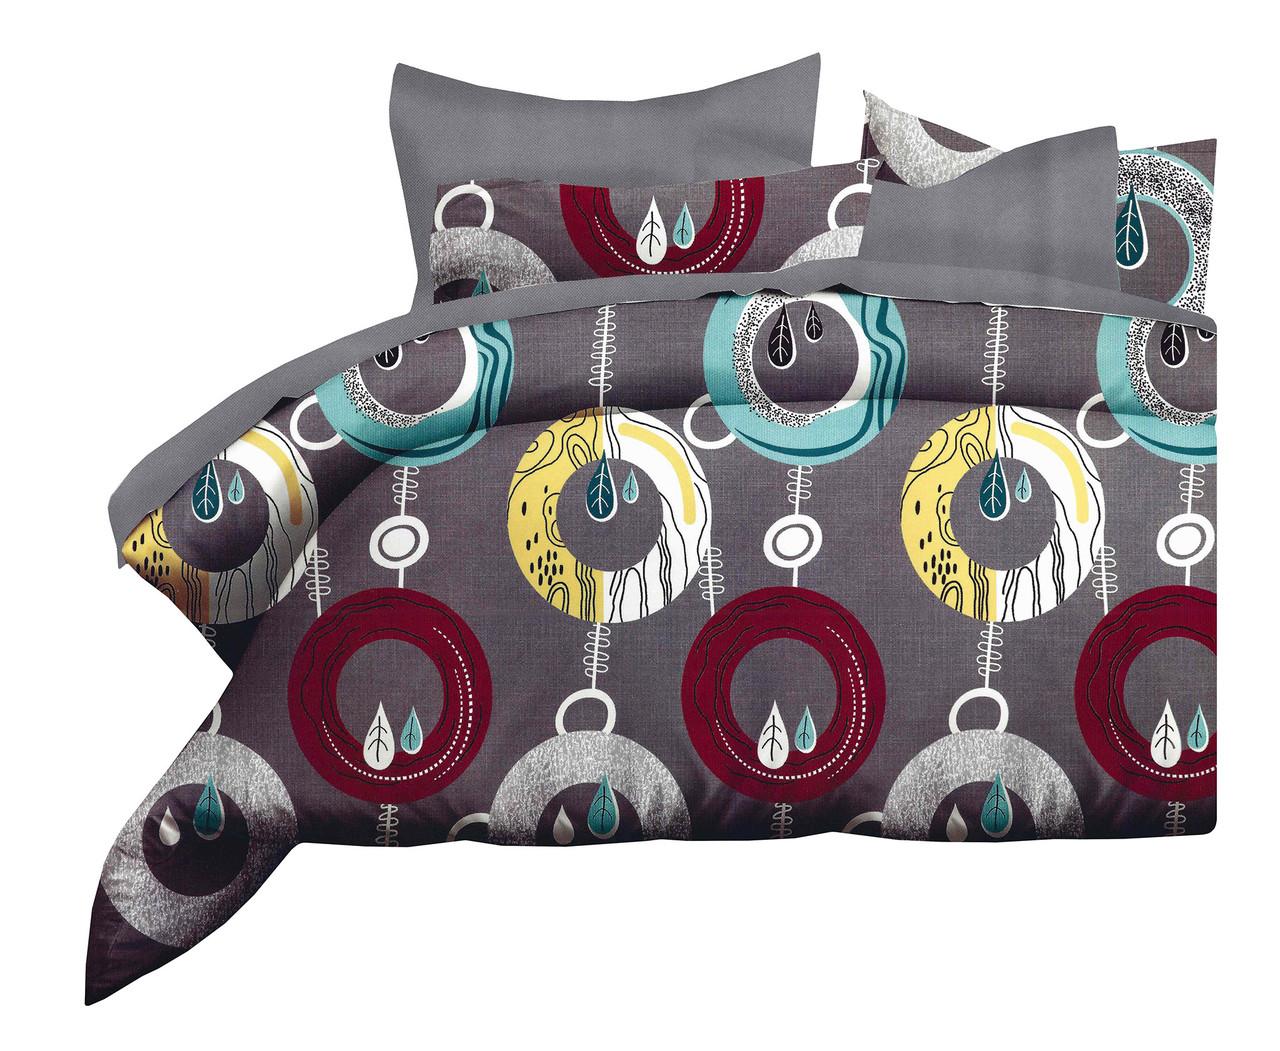 Комплект постельного белья Микроволокно HXDD-758 M&M 0725 Красный, Желтый, Серый